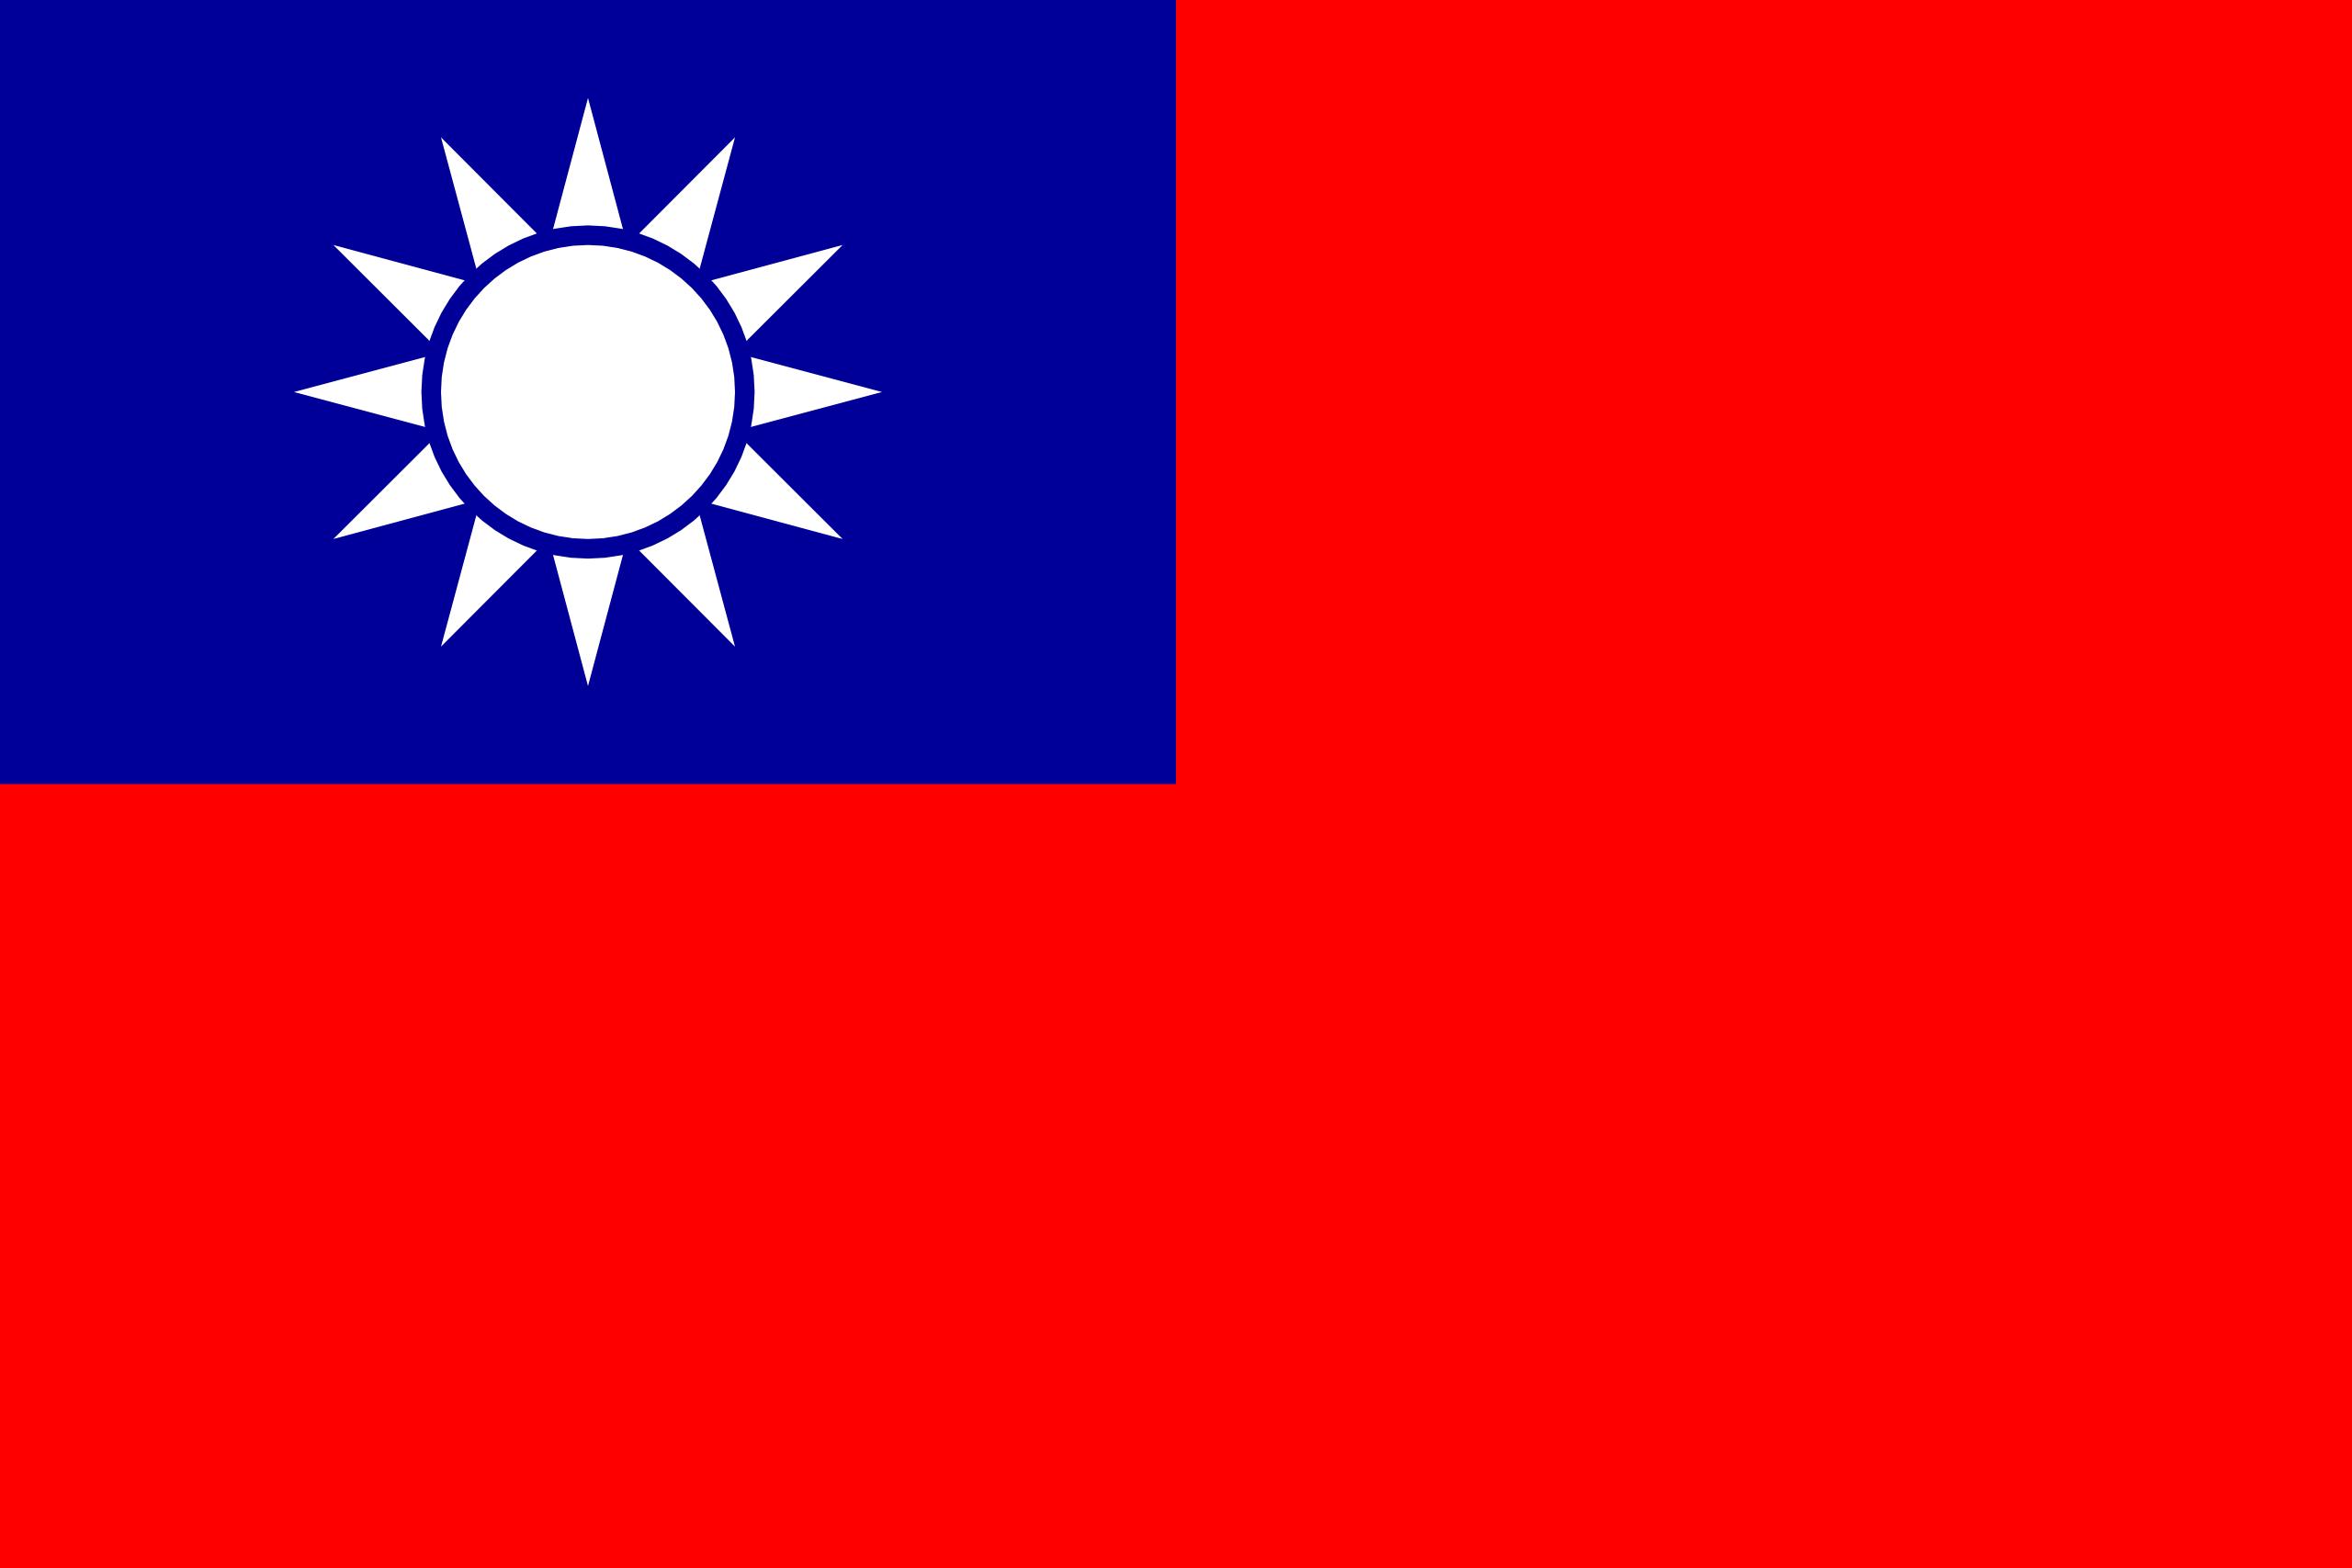 república de china, Land, Emblem, Logo, Symbol - Wallpaper HD - Prof.-falken.com